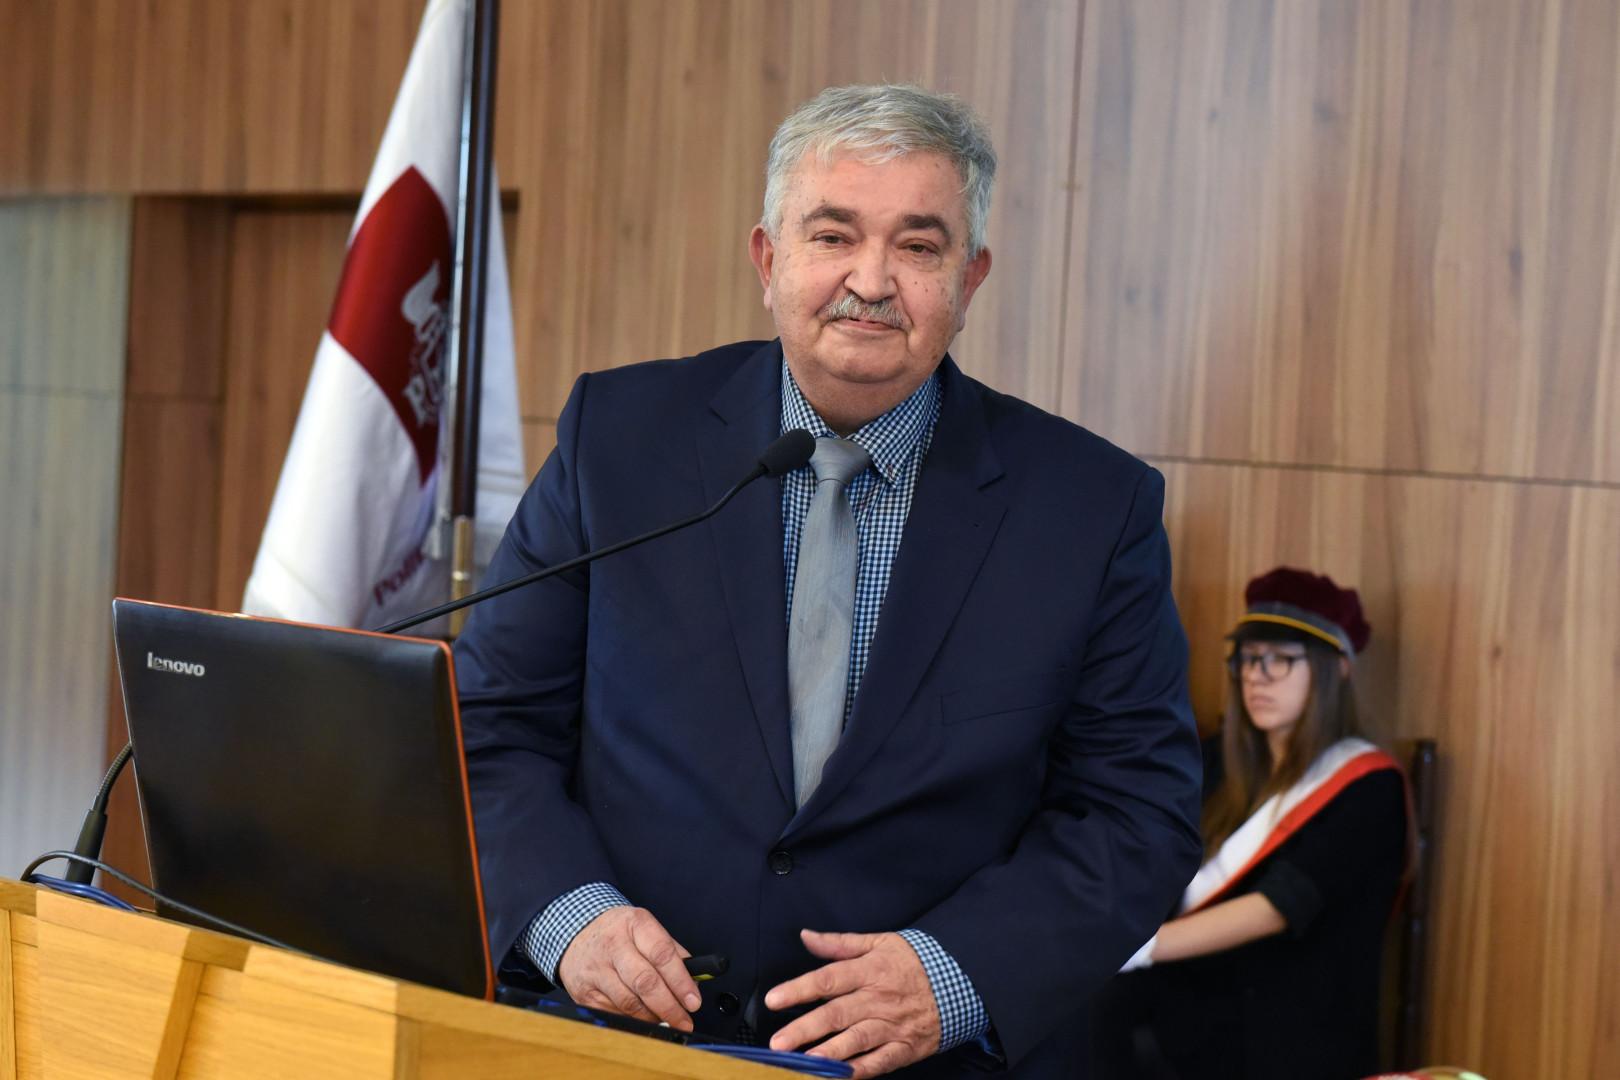 Wykład inauguracyjny Techniczne i społeczne aspekty technologii 5G wygłosił prof. Andrzej Krawczyk, prezes Polskiego Towarzystwa Zastosowań Elektromagnetyzmu.